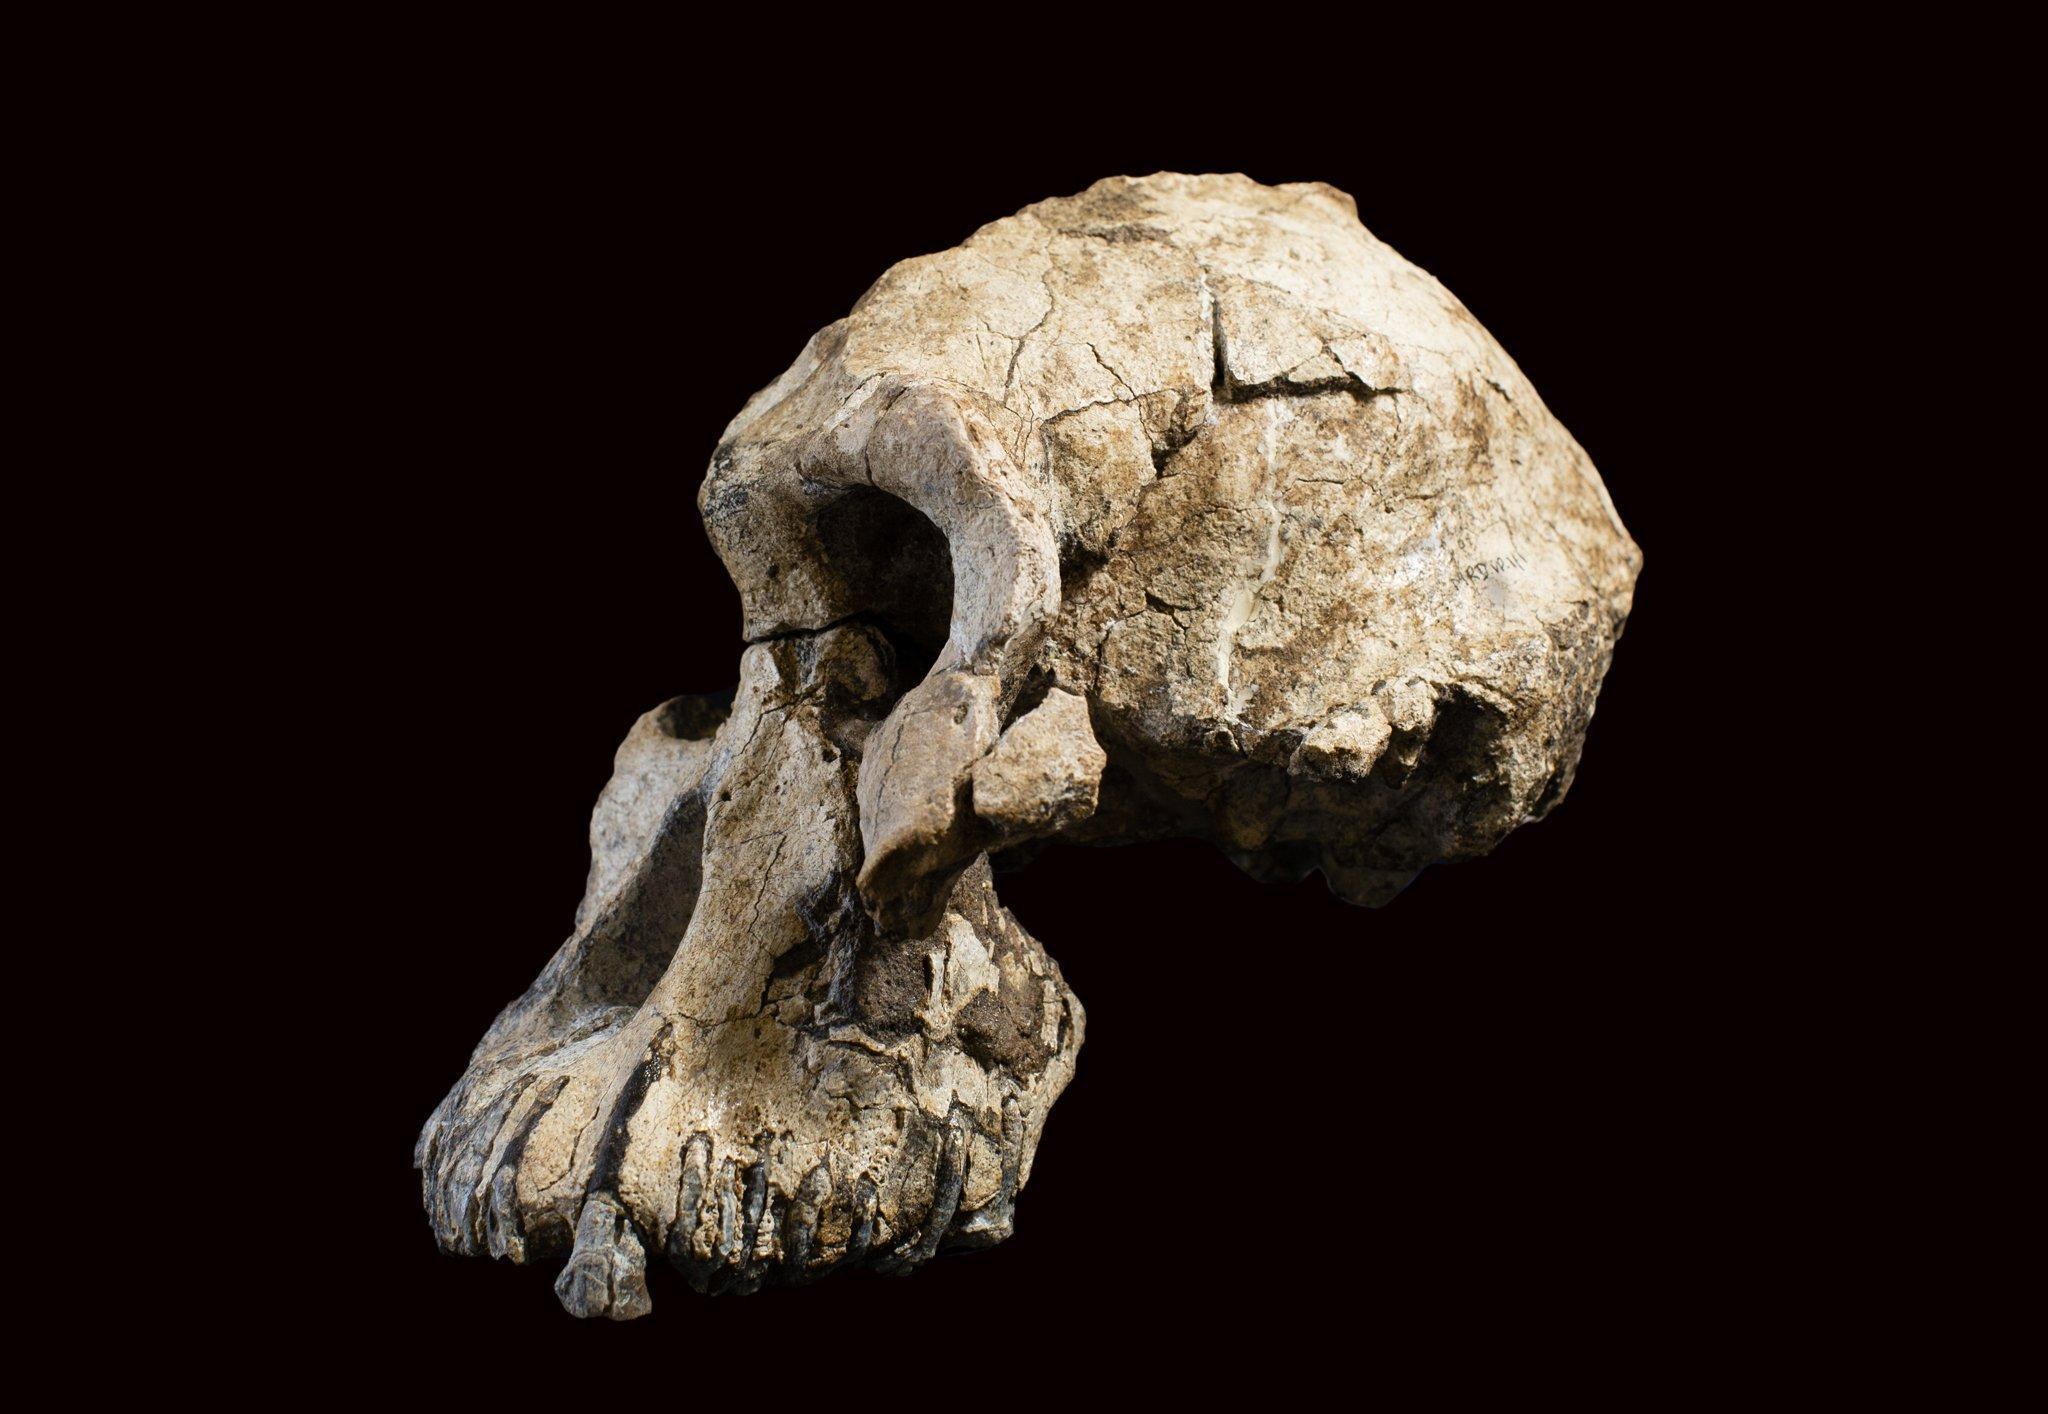 Abgebildet ist die seitliche Ansicht des Schädelfossils von Australopithecus anamensis: Kräftig gebaut waren Kiefer und Zähne des Vormenschen, doch besaß er nur ein kleines Gehirn und sein Schädel war schmal und länglich.